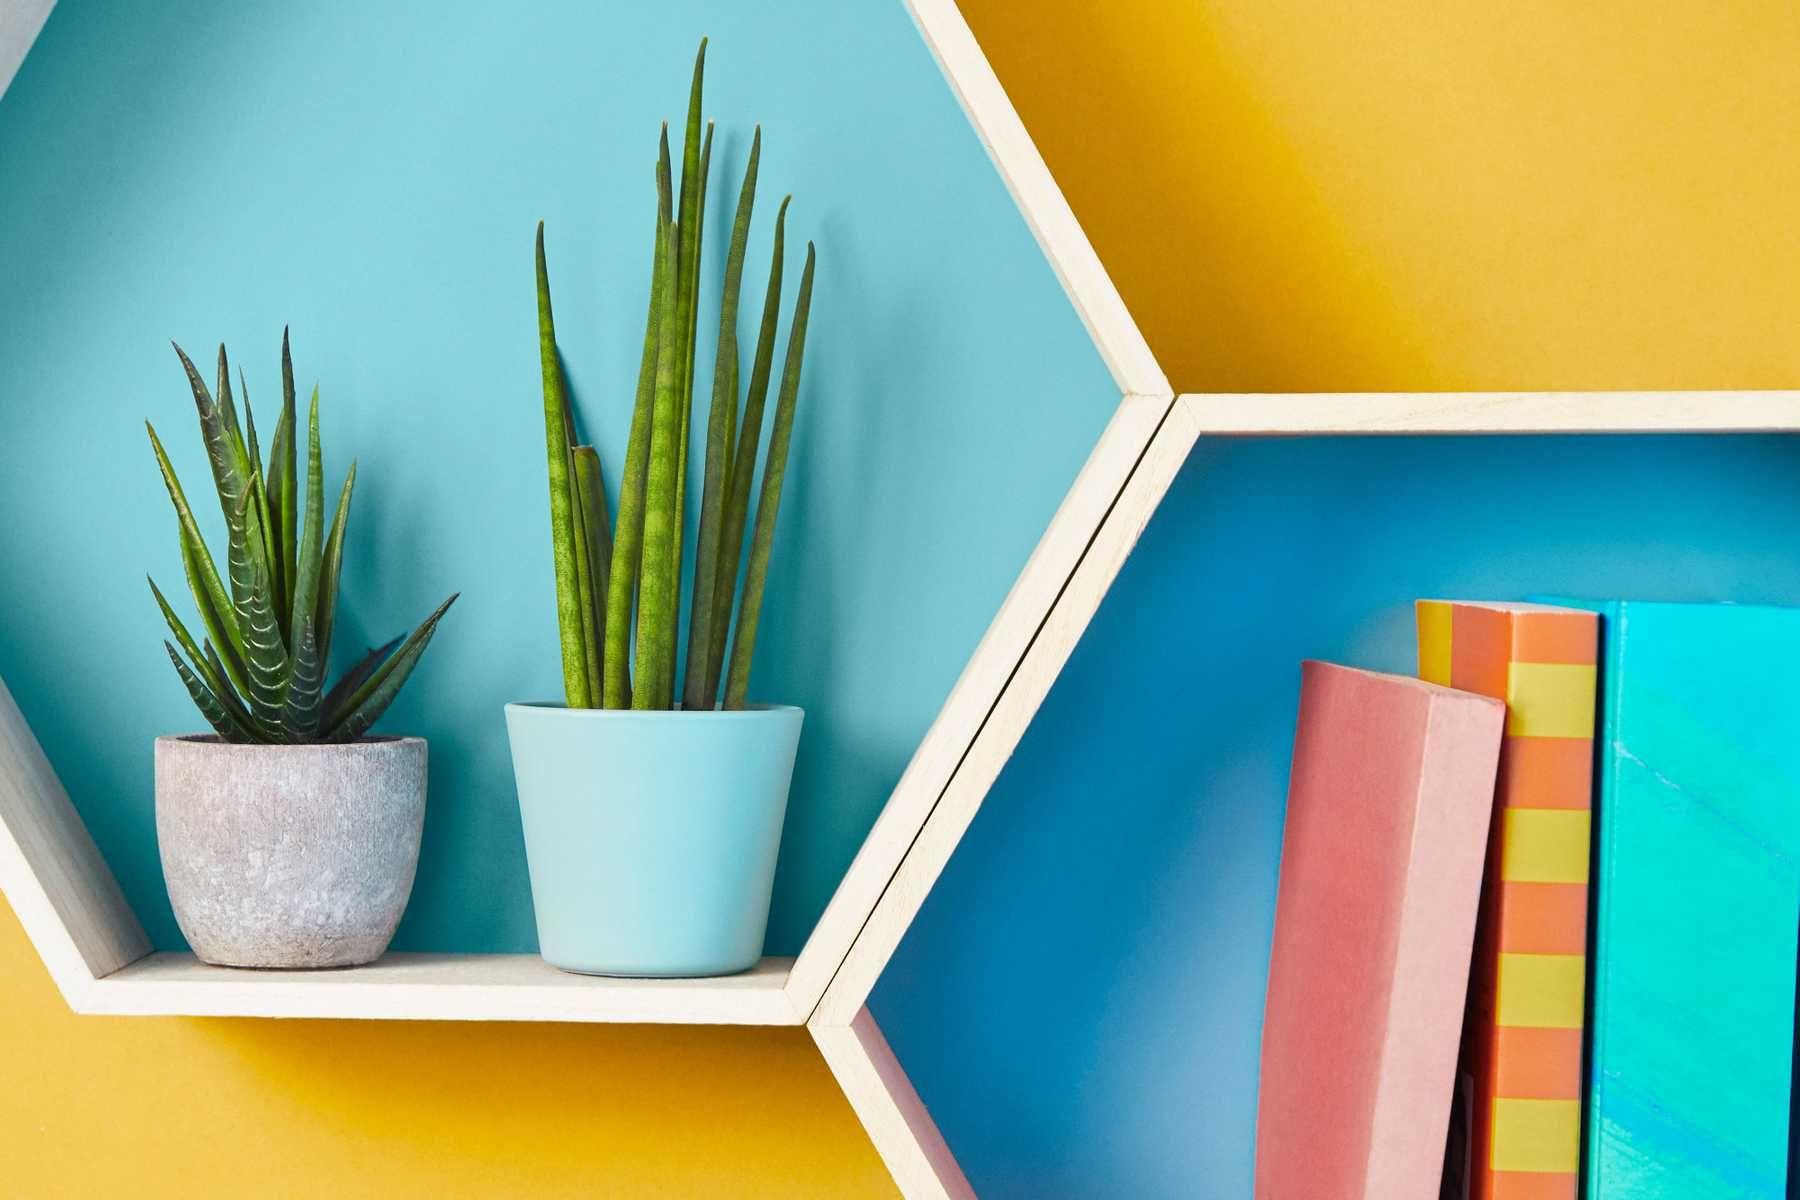 dicas-de-como-pintar-parede-rapido-como-um-verdadeiro-profissional